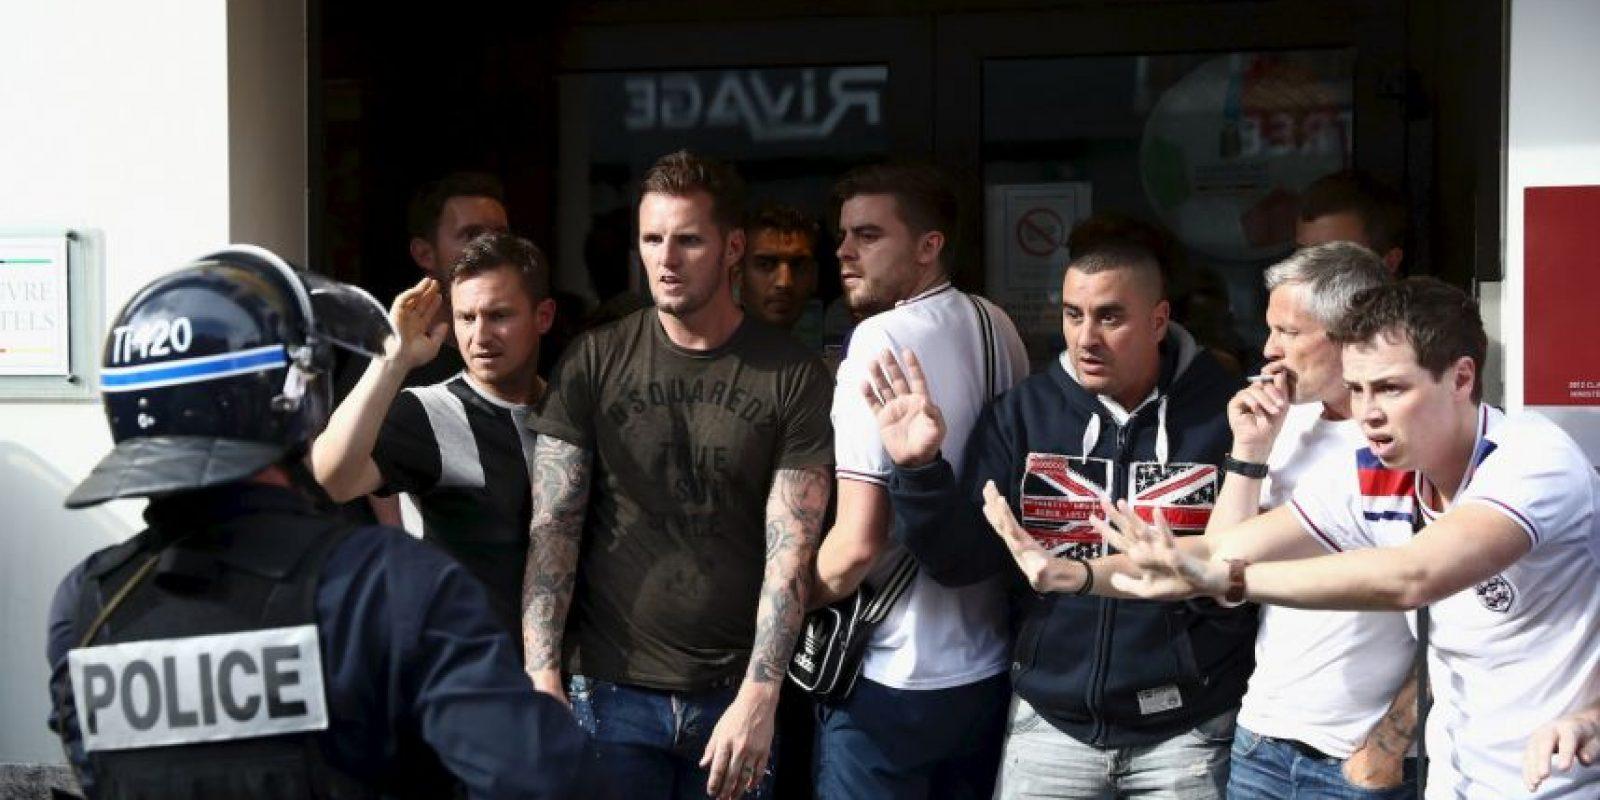 Los ingleses ya habían dejado su huella en Marsella con múltiples peleas. Franceses, rusos y la policía sufrieron con los hooligans Foto:Getty Images